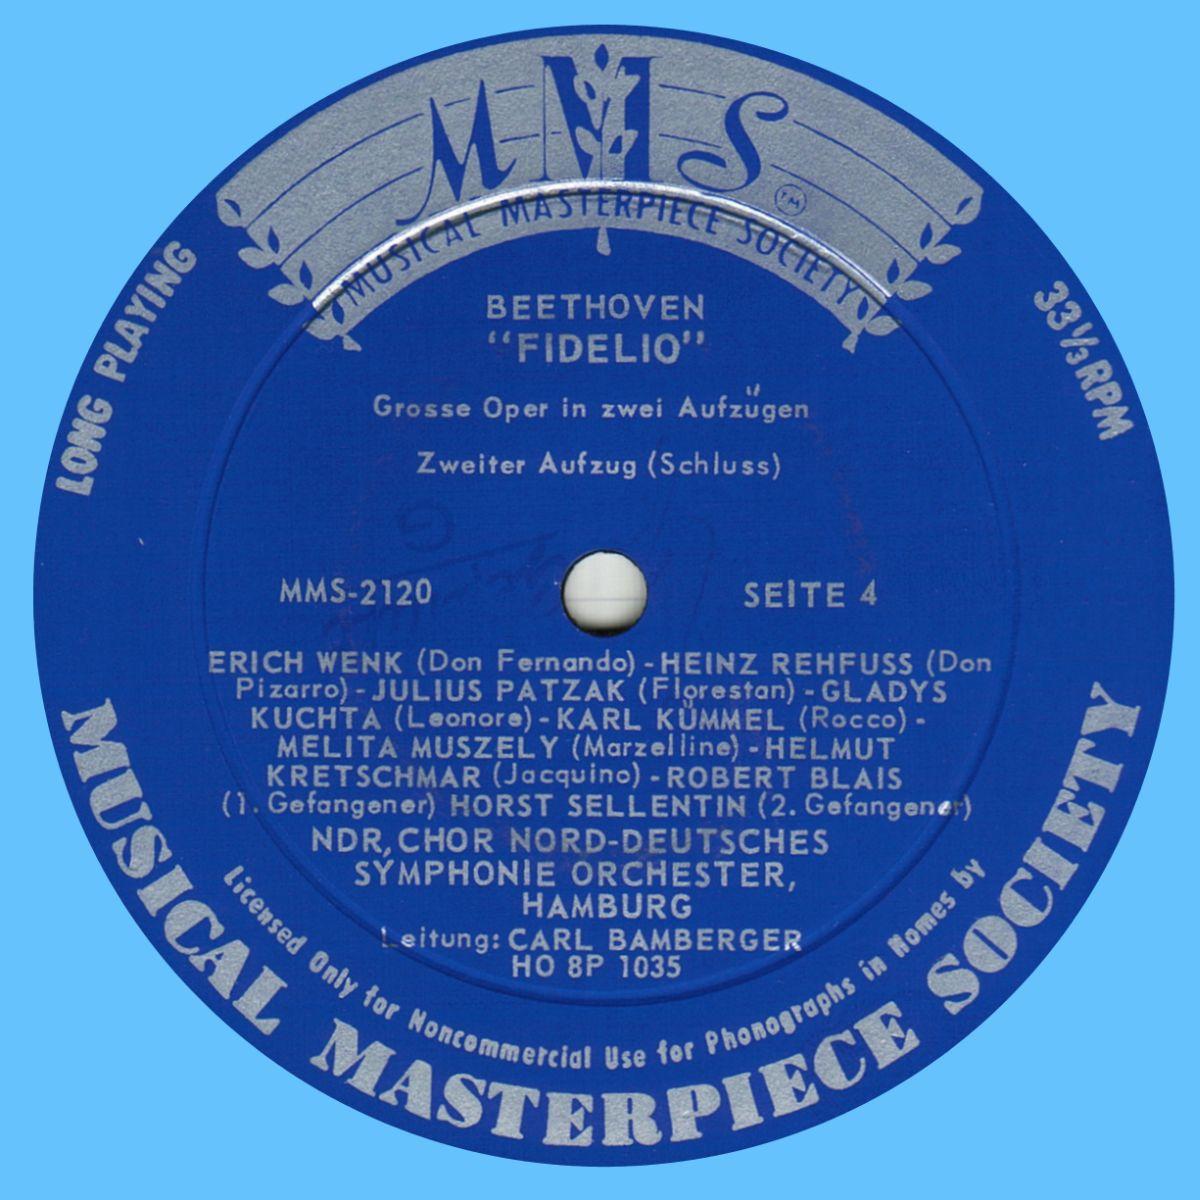 MMS-2120, Étiquette 2e verso